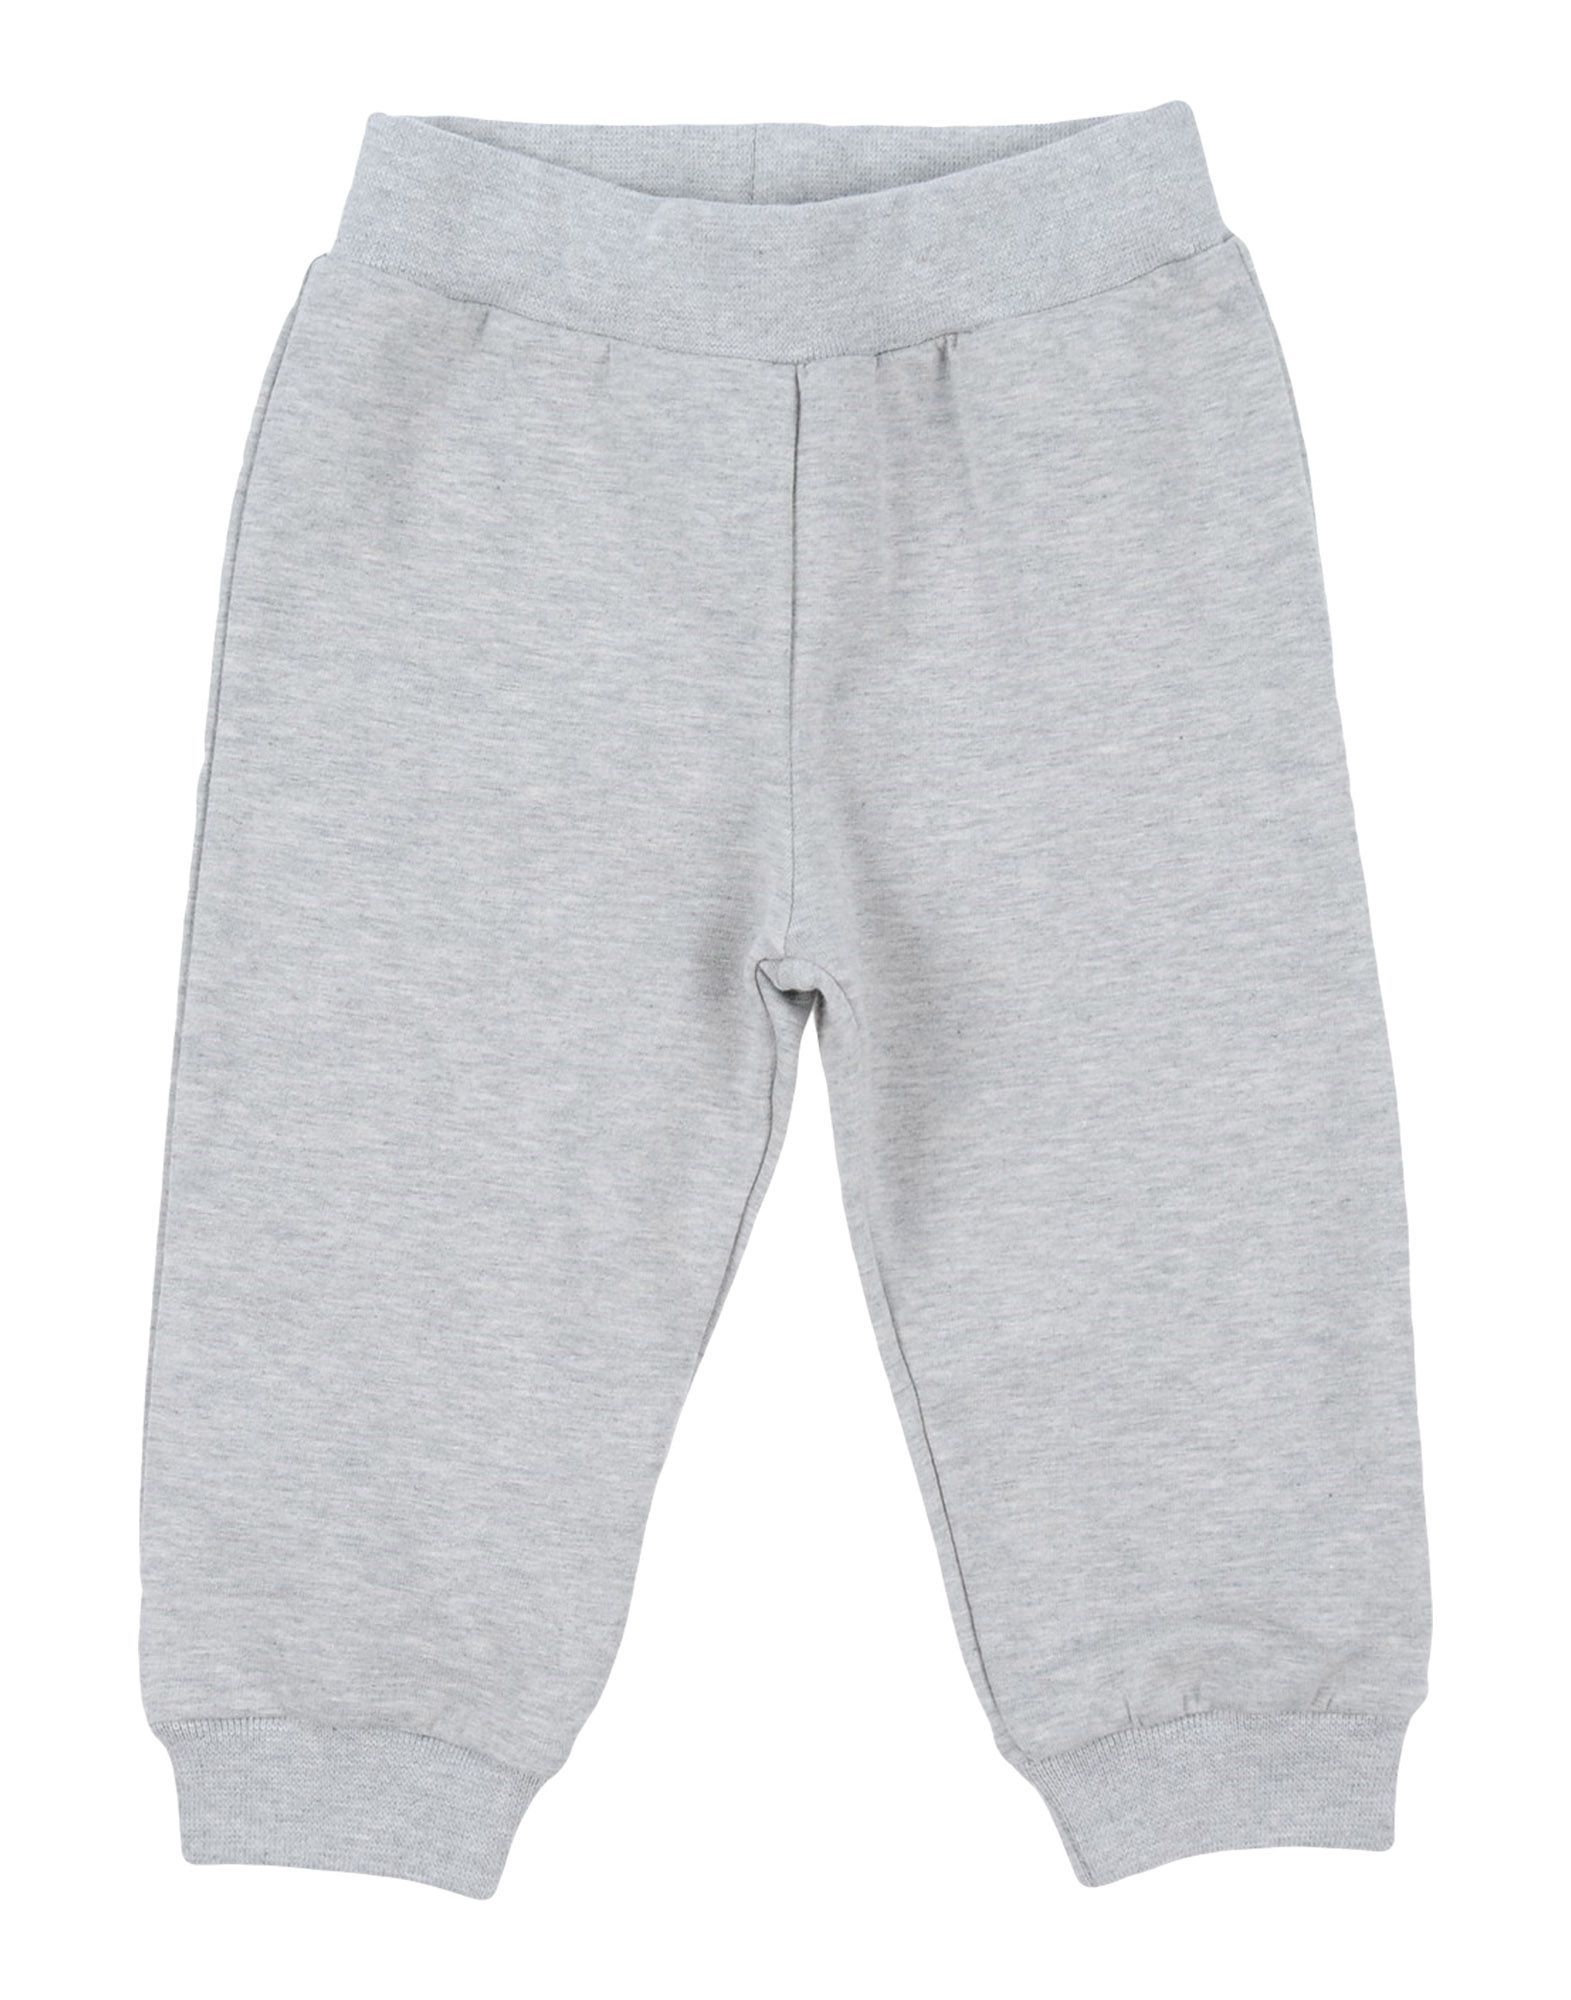 TROUSERS Fendi Light grey Boy Cotton